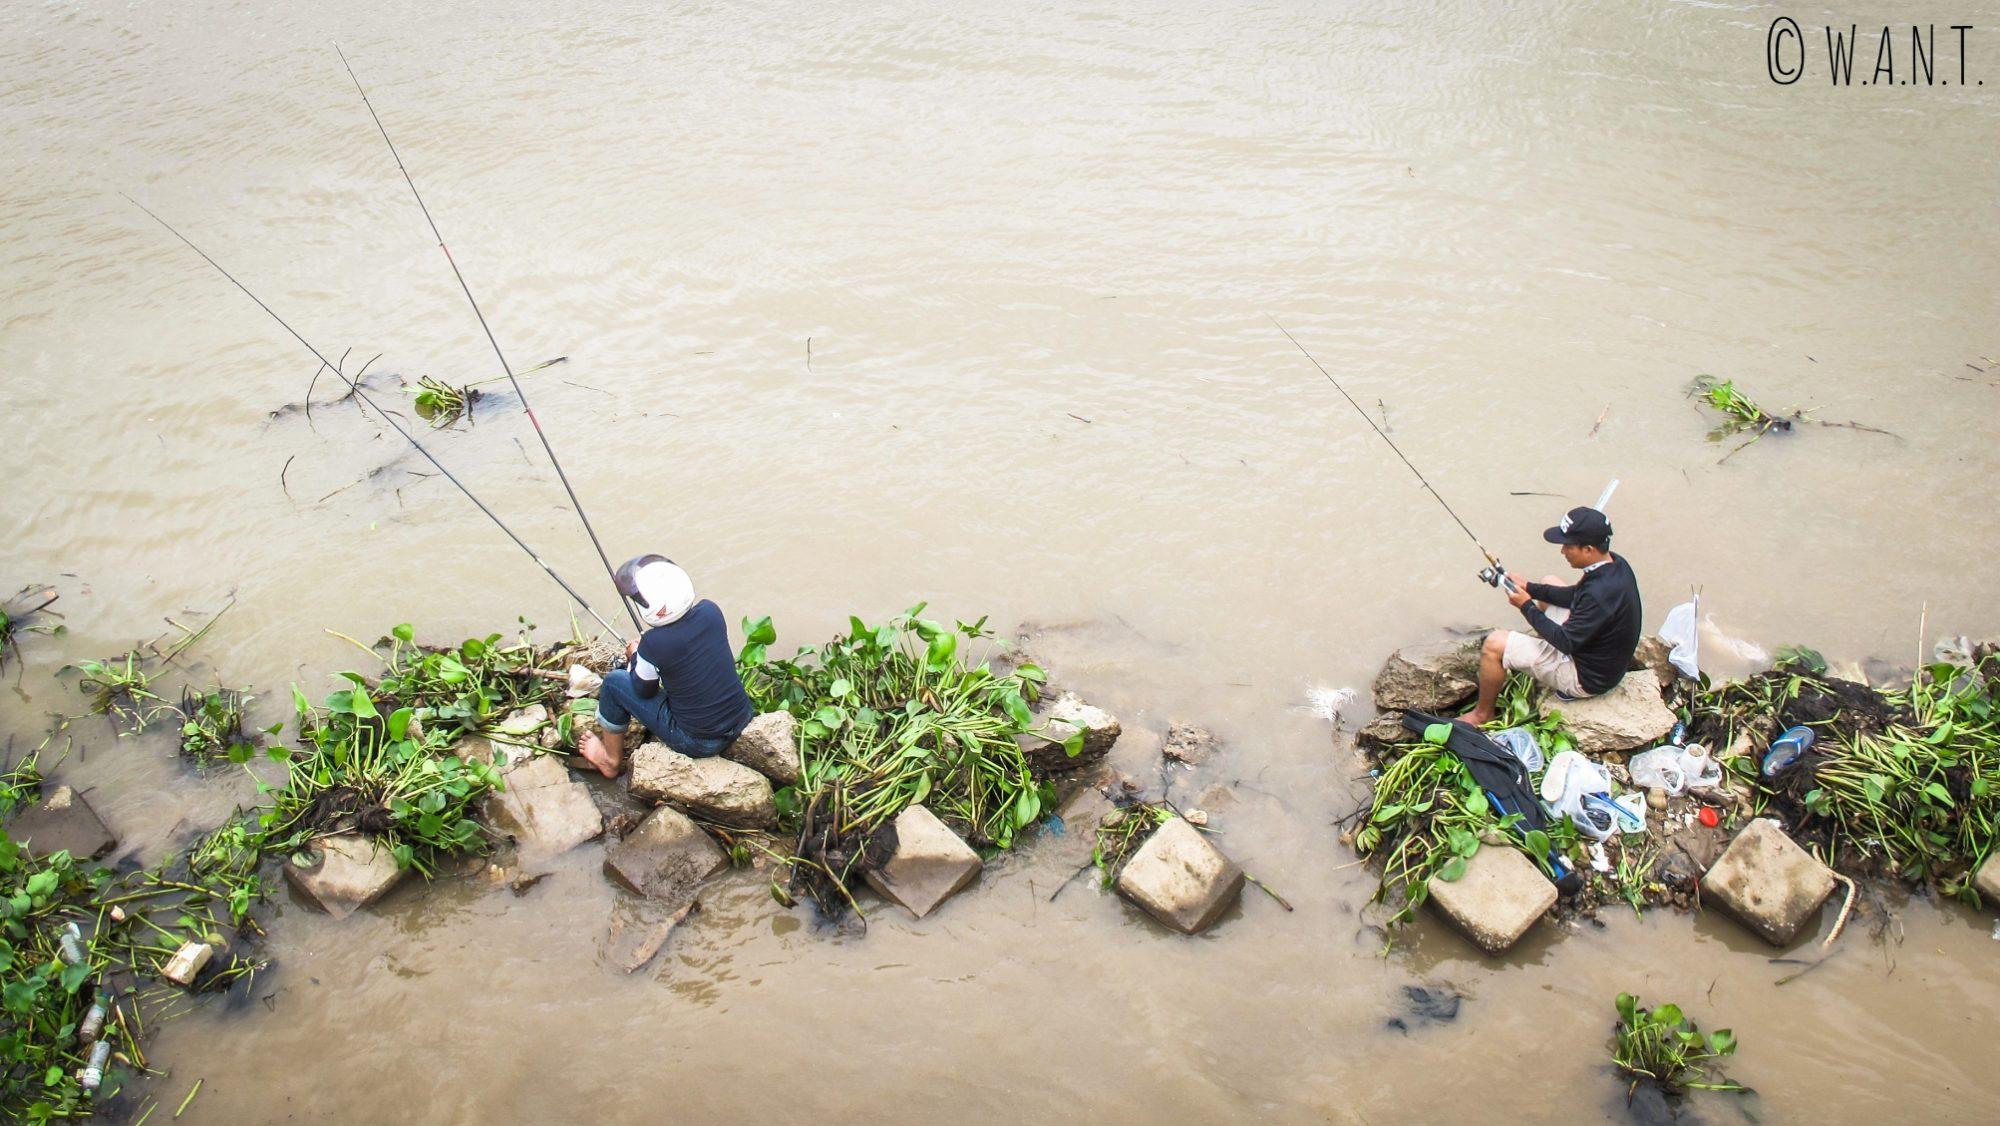 Pêcheurs dans les eaux du Mékong à Phnom Penh